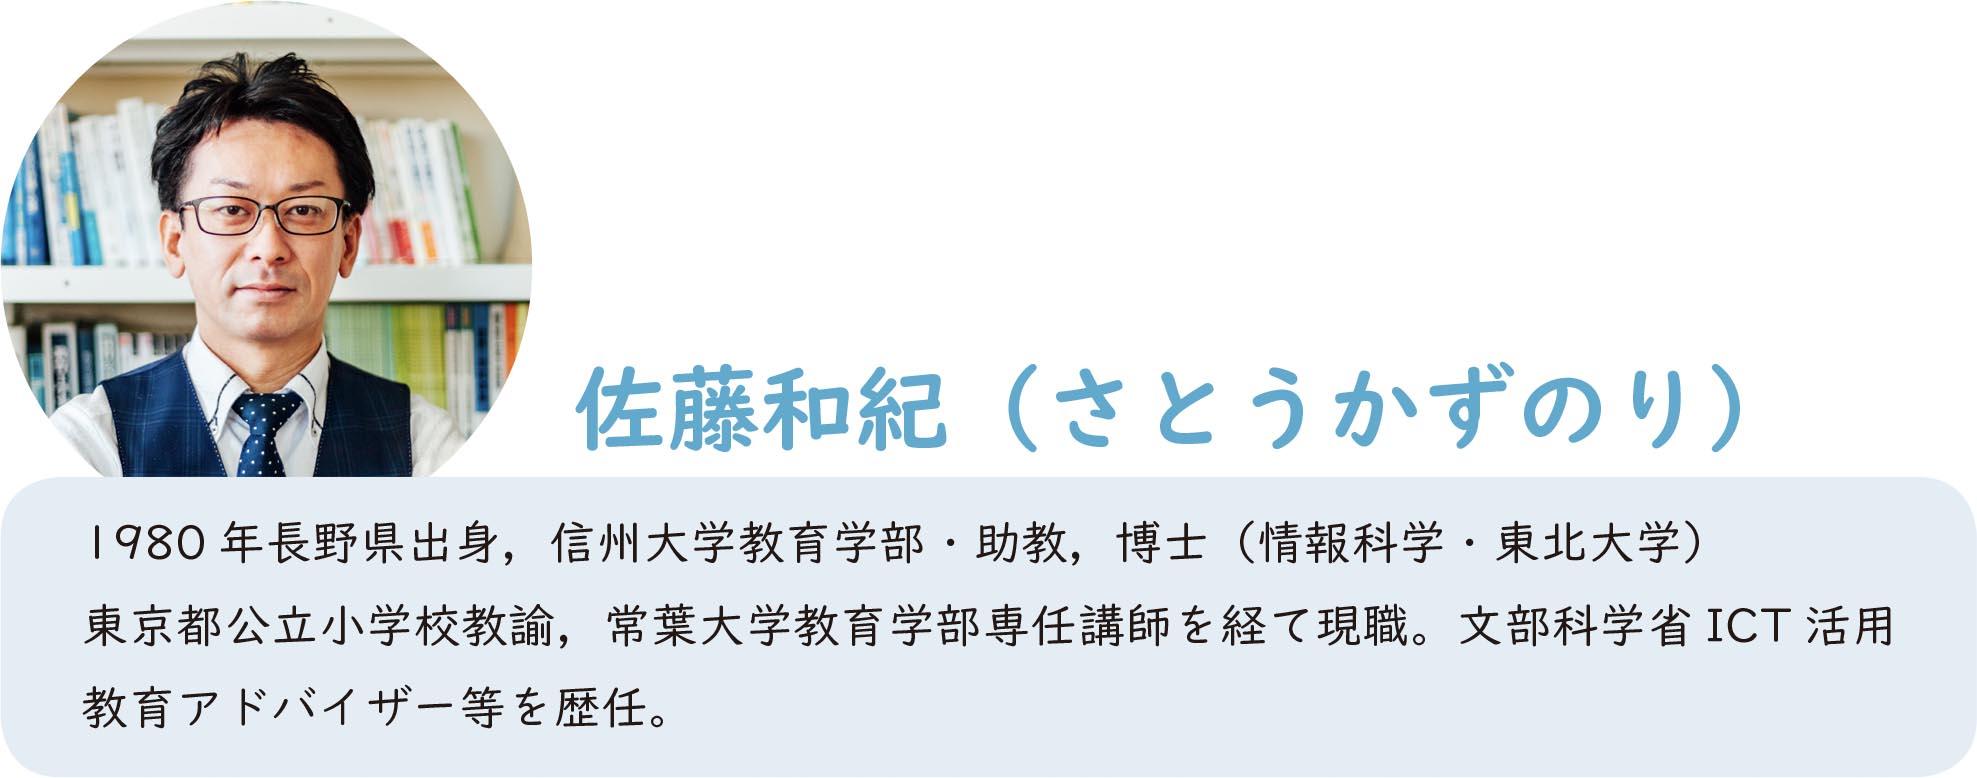 佐藤和紀先生